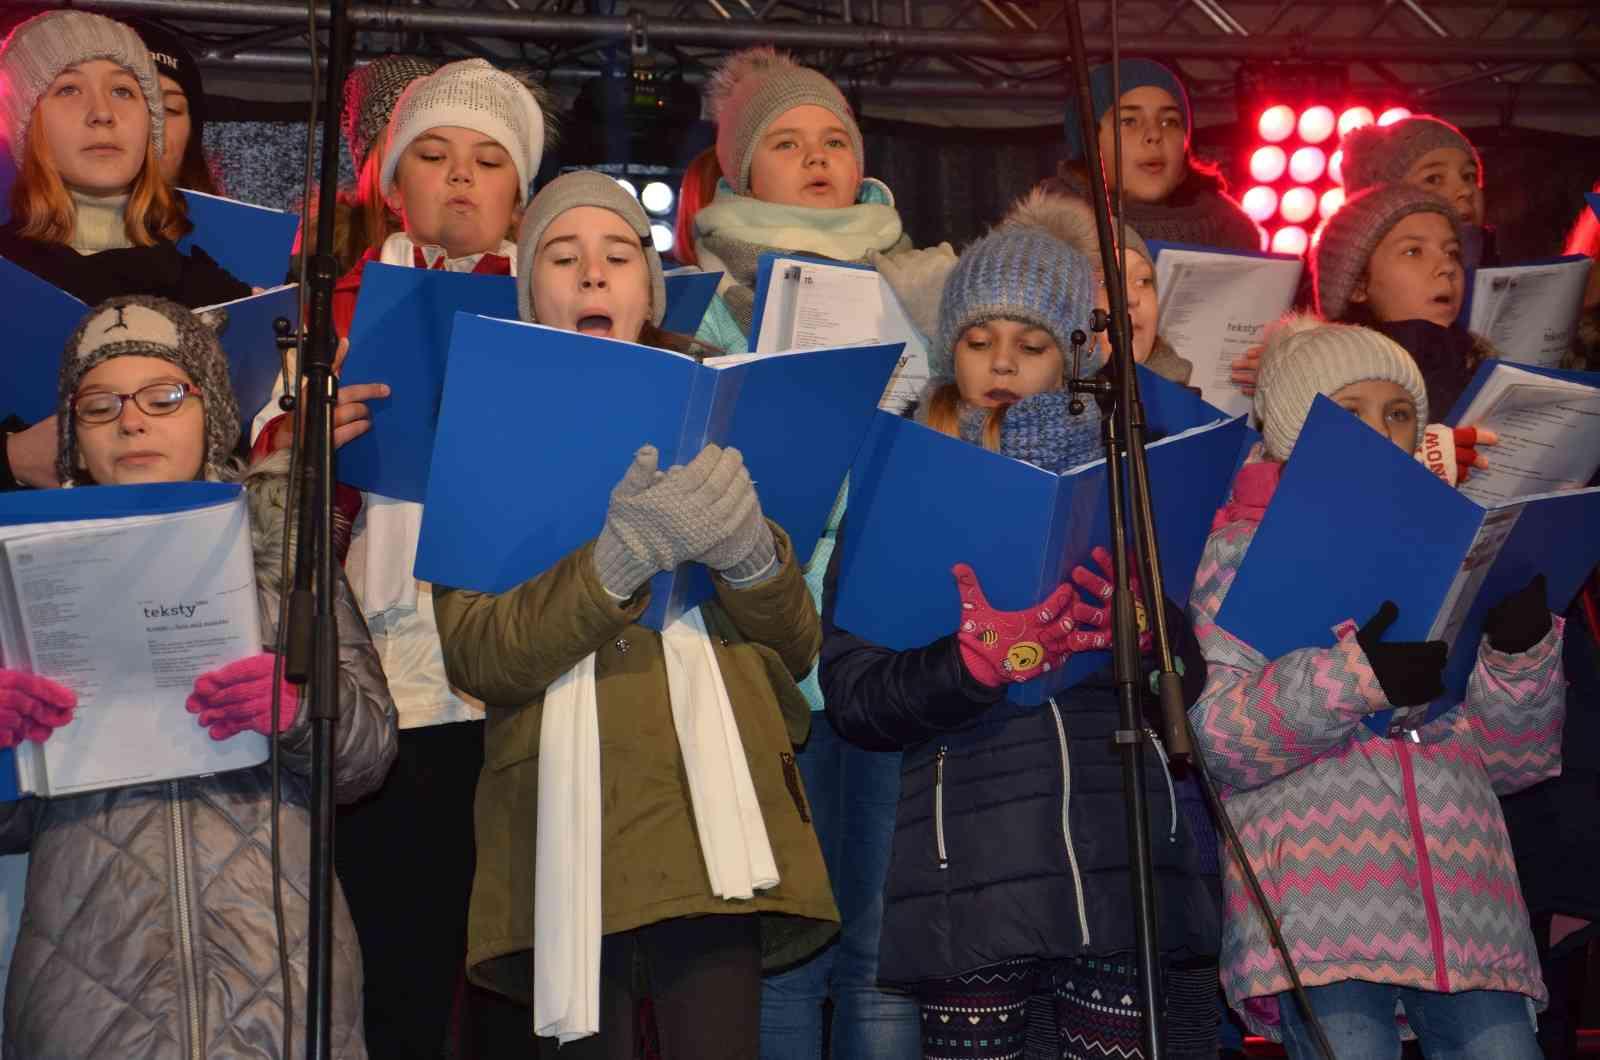 zlota-niedziela-z-lions-club-krotoszyn-14-15-12-2016-r